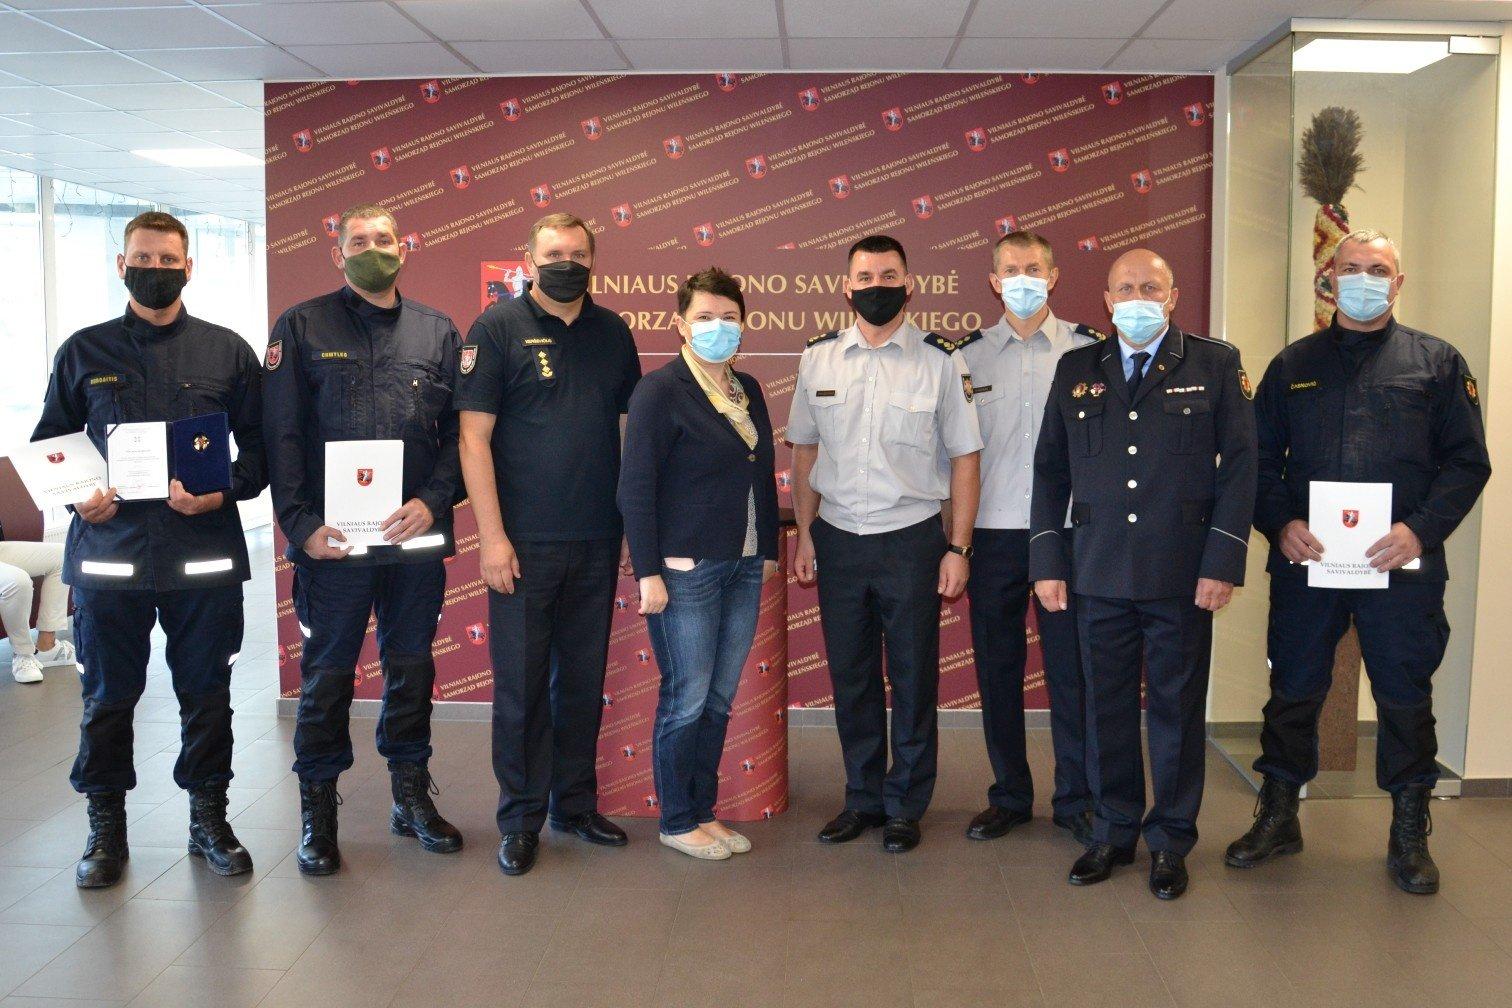 Tarybos posėdžio metu pasveikinti žmogaus gyvybę išgelbėję gaisrininkai ir geriausi šių metų ūkininkai